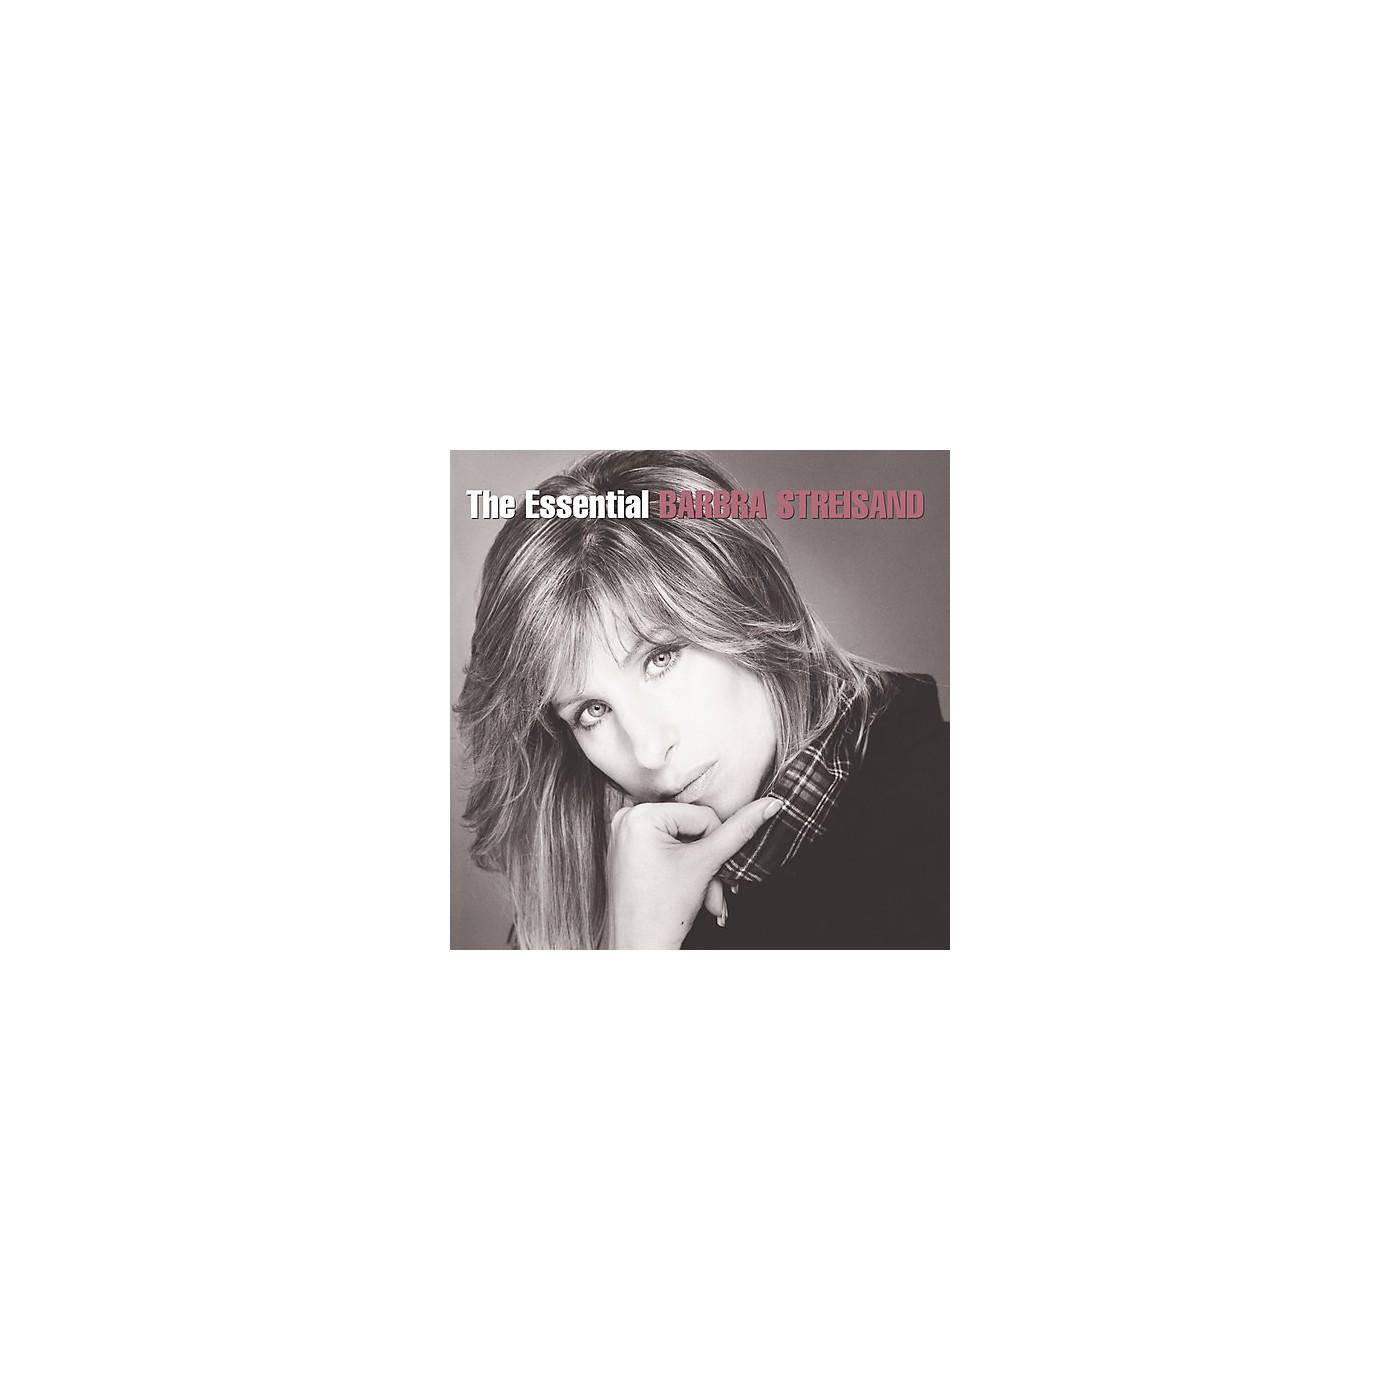 Alliance Barbra Streisand - The Essential Barbra Streisand (CD) thumbnail